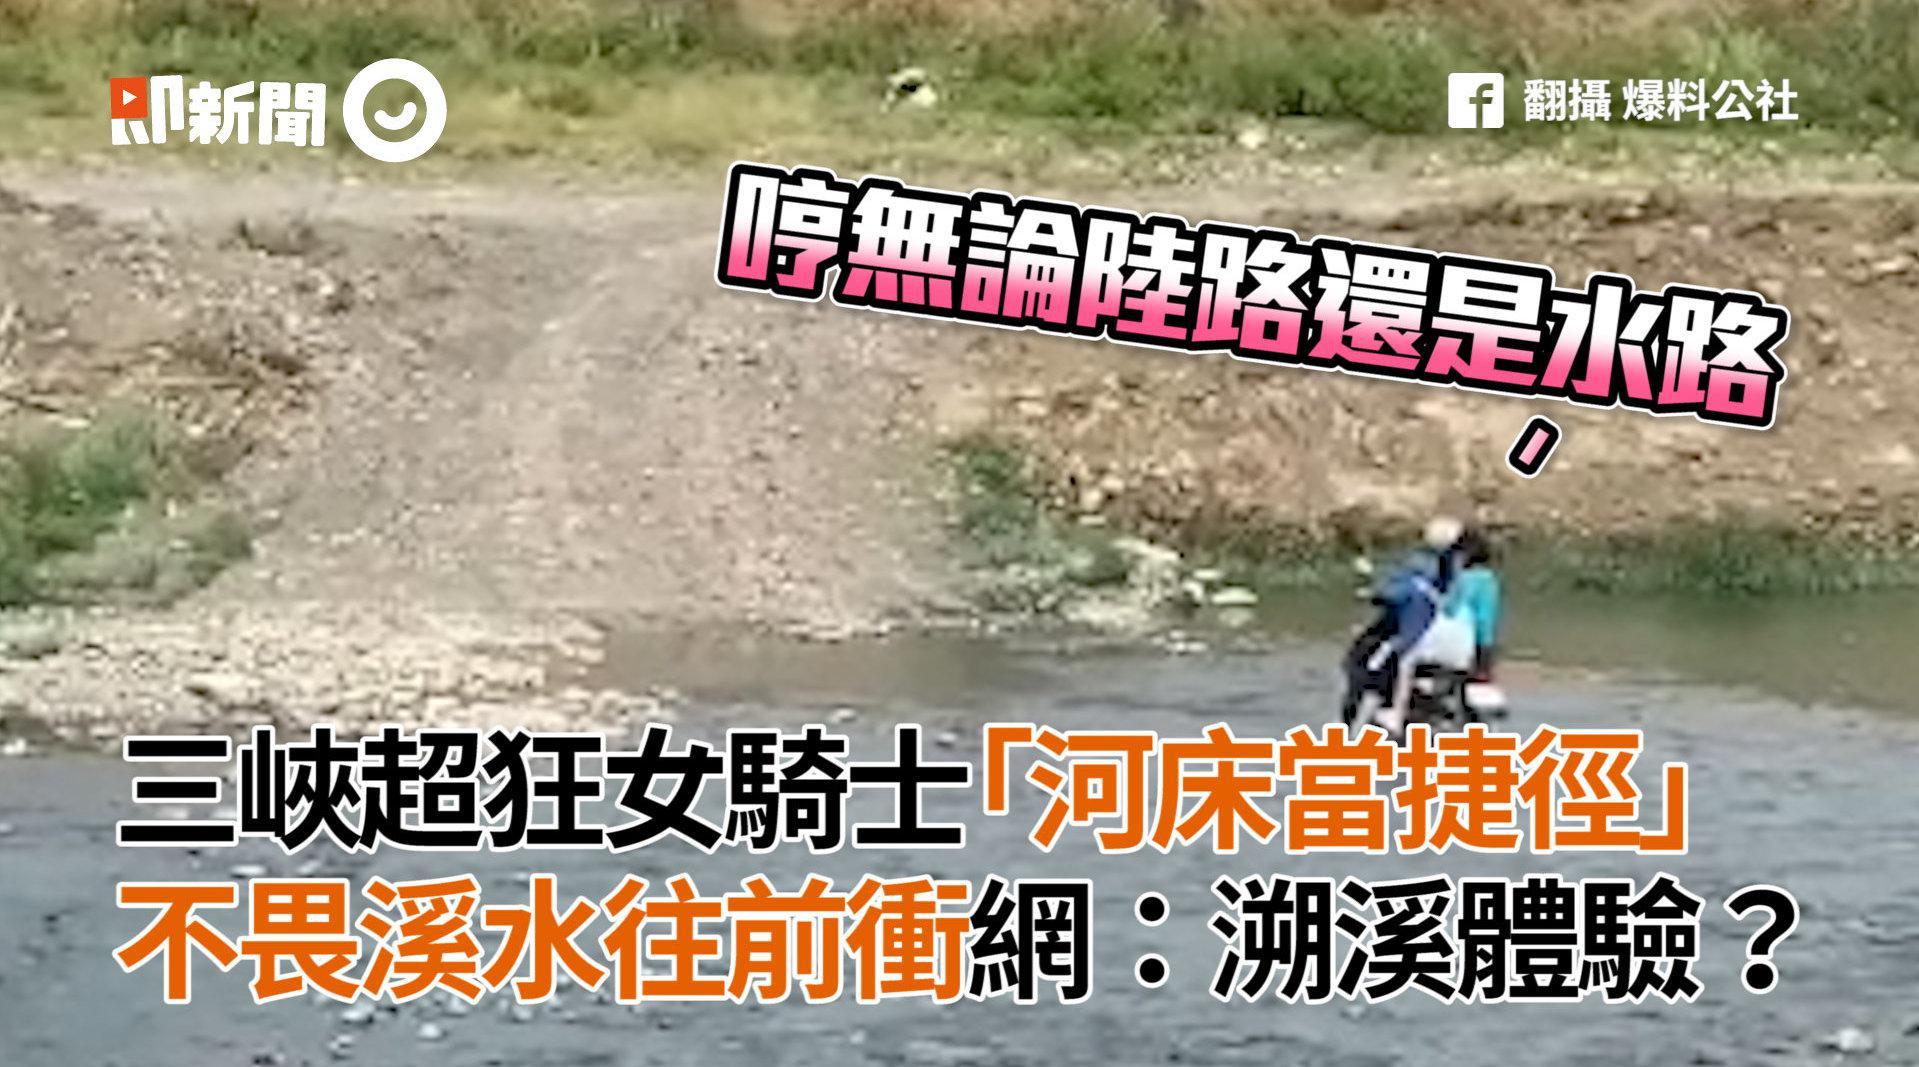 三峡超狂女骑士河床当捷径,不畏溪水往前冲